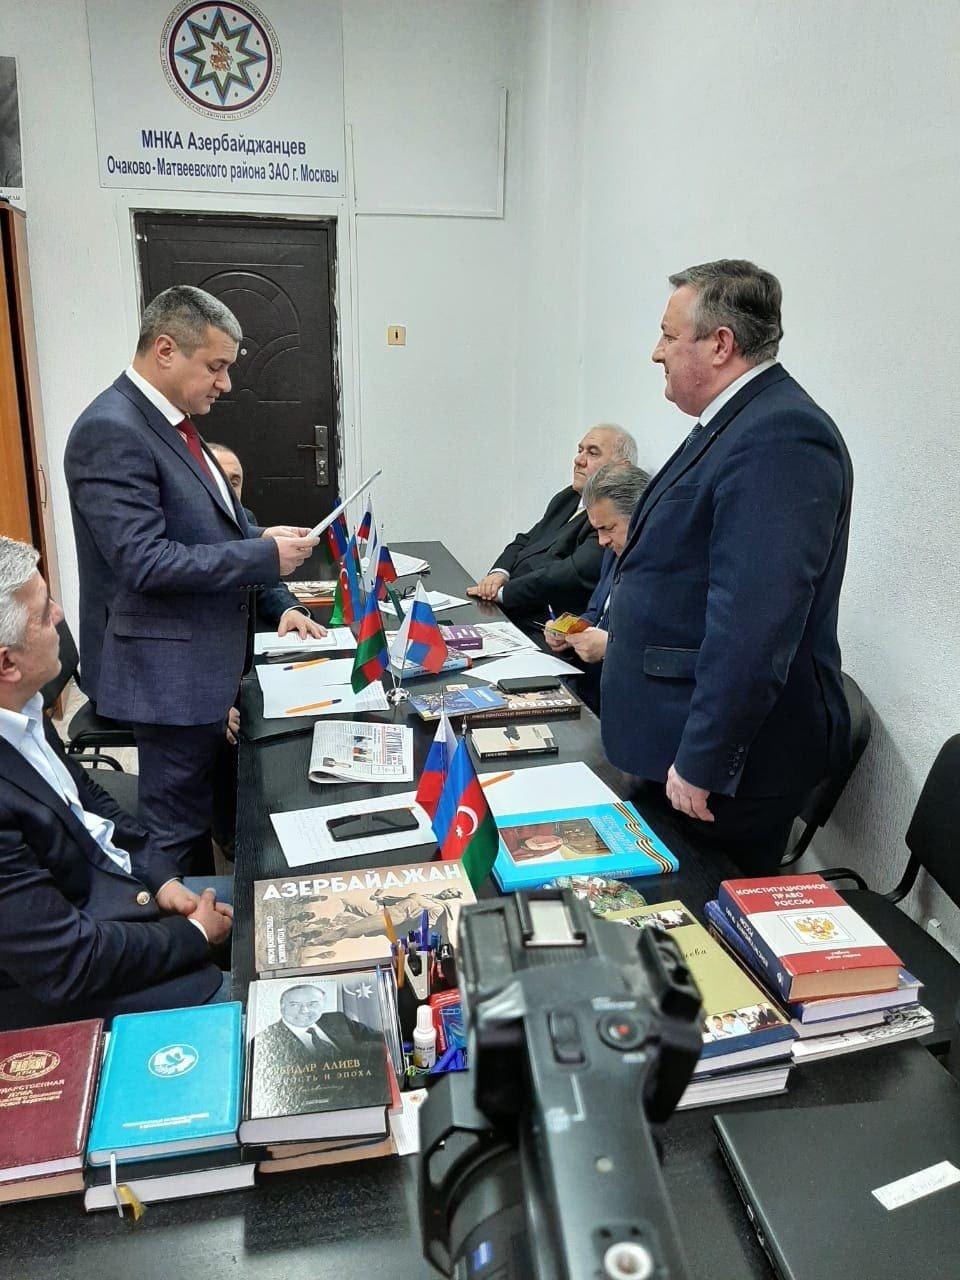 В Москве прошла встреча с представителями российской общественности и СМИ